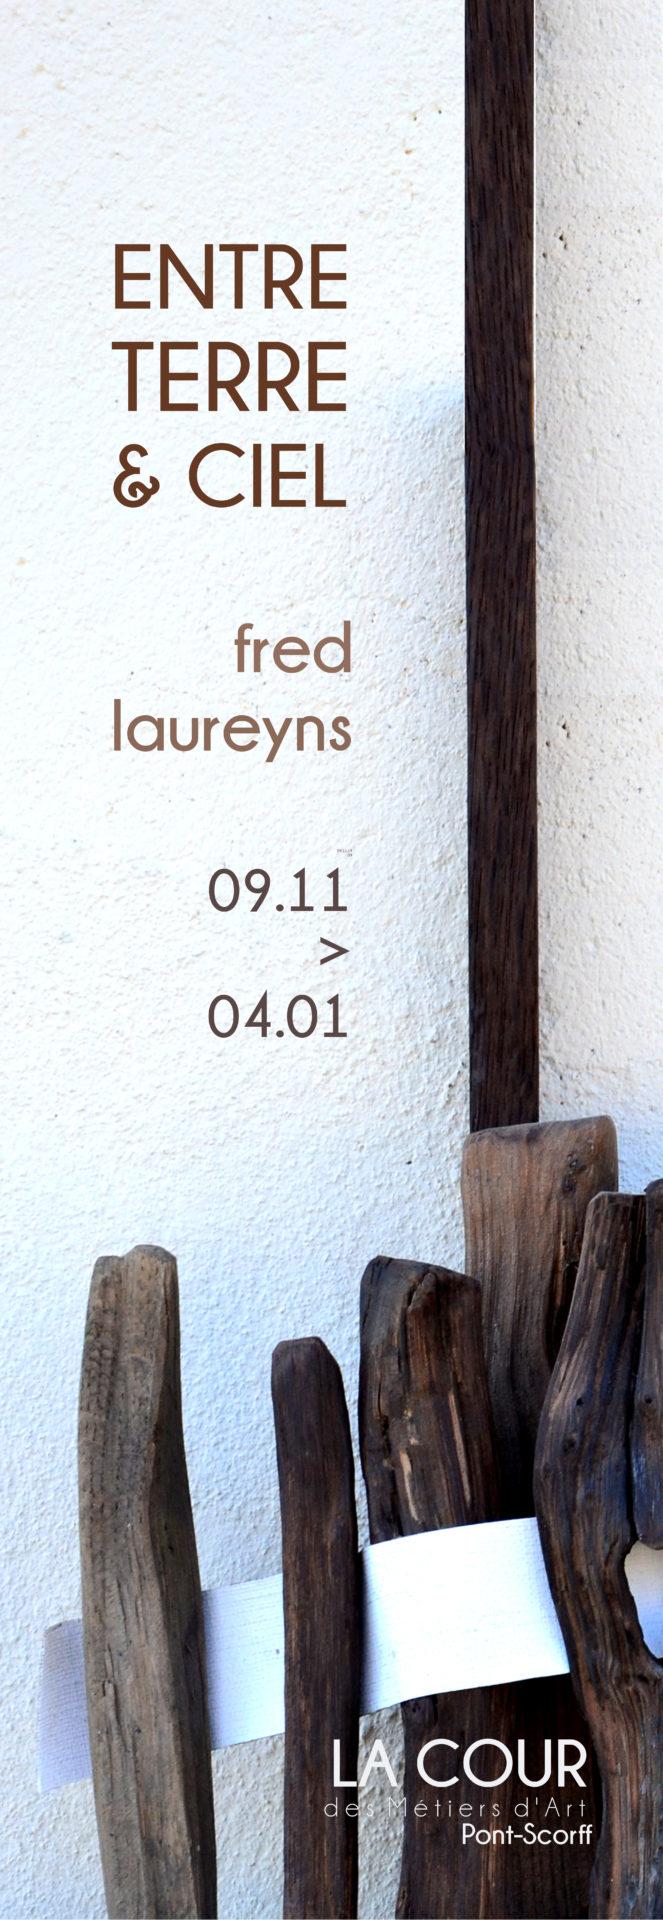 Exposition à la Cour des Métiers d'Art de Pont-Scorff du 9/11/19 au 4/01/20